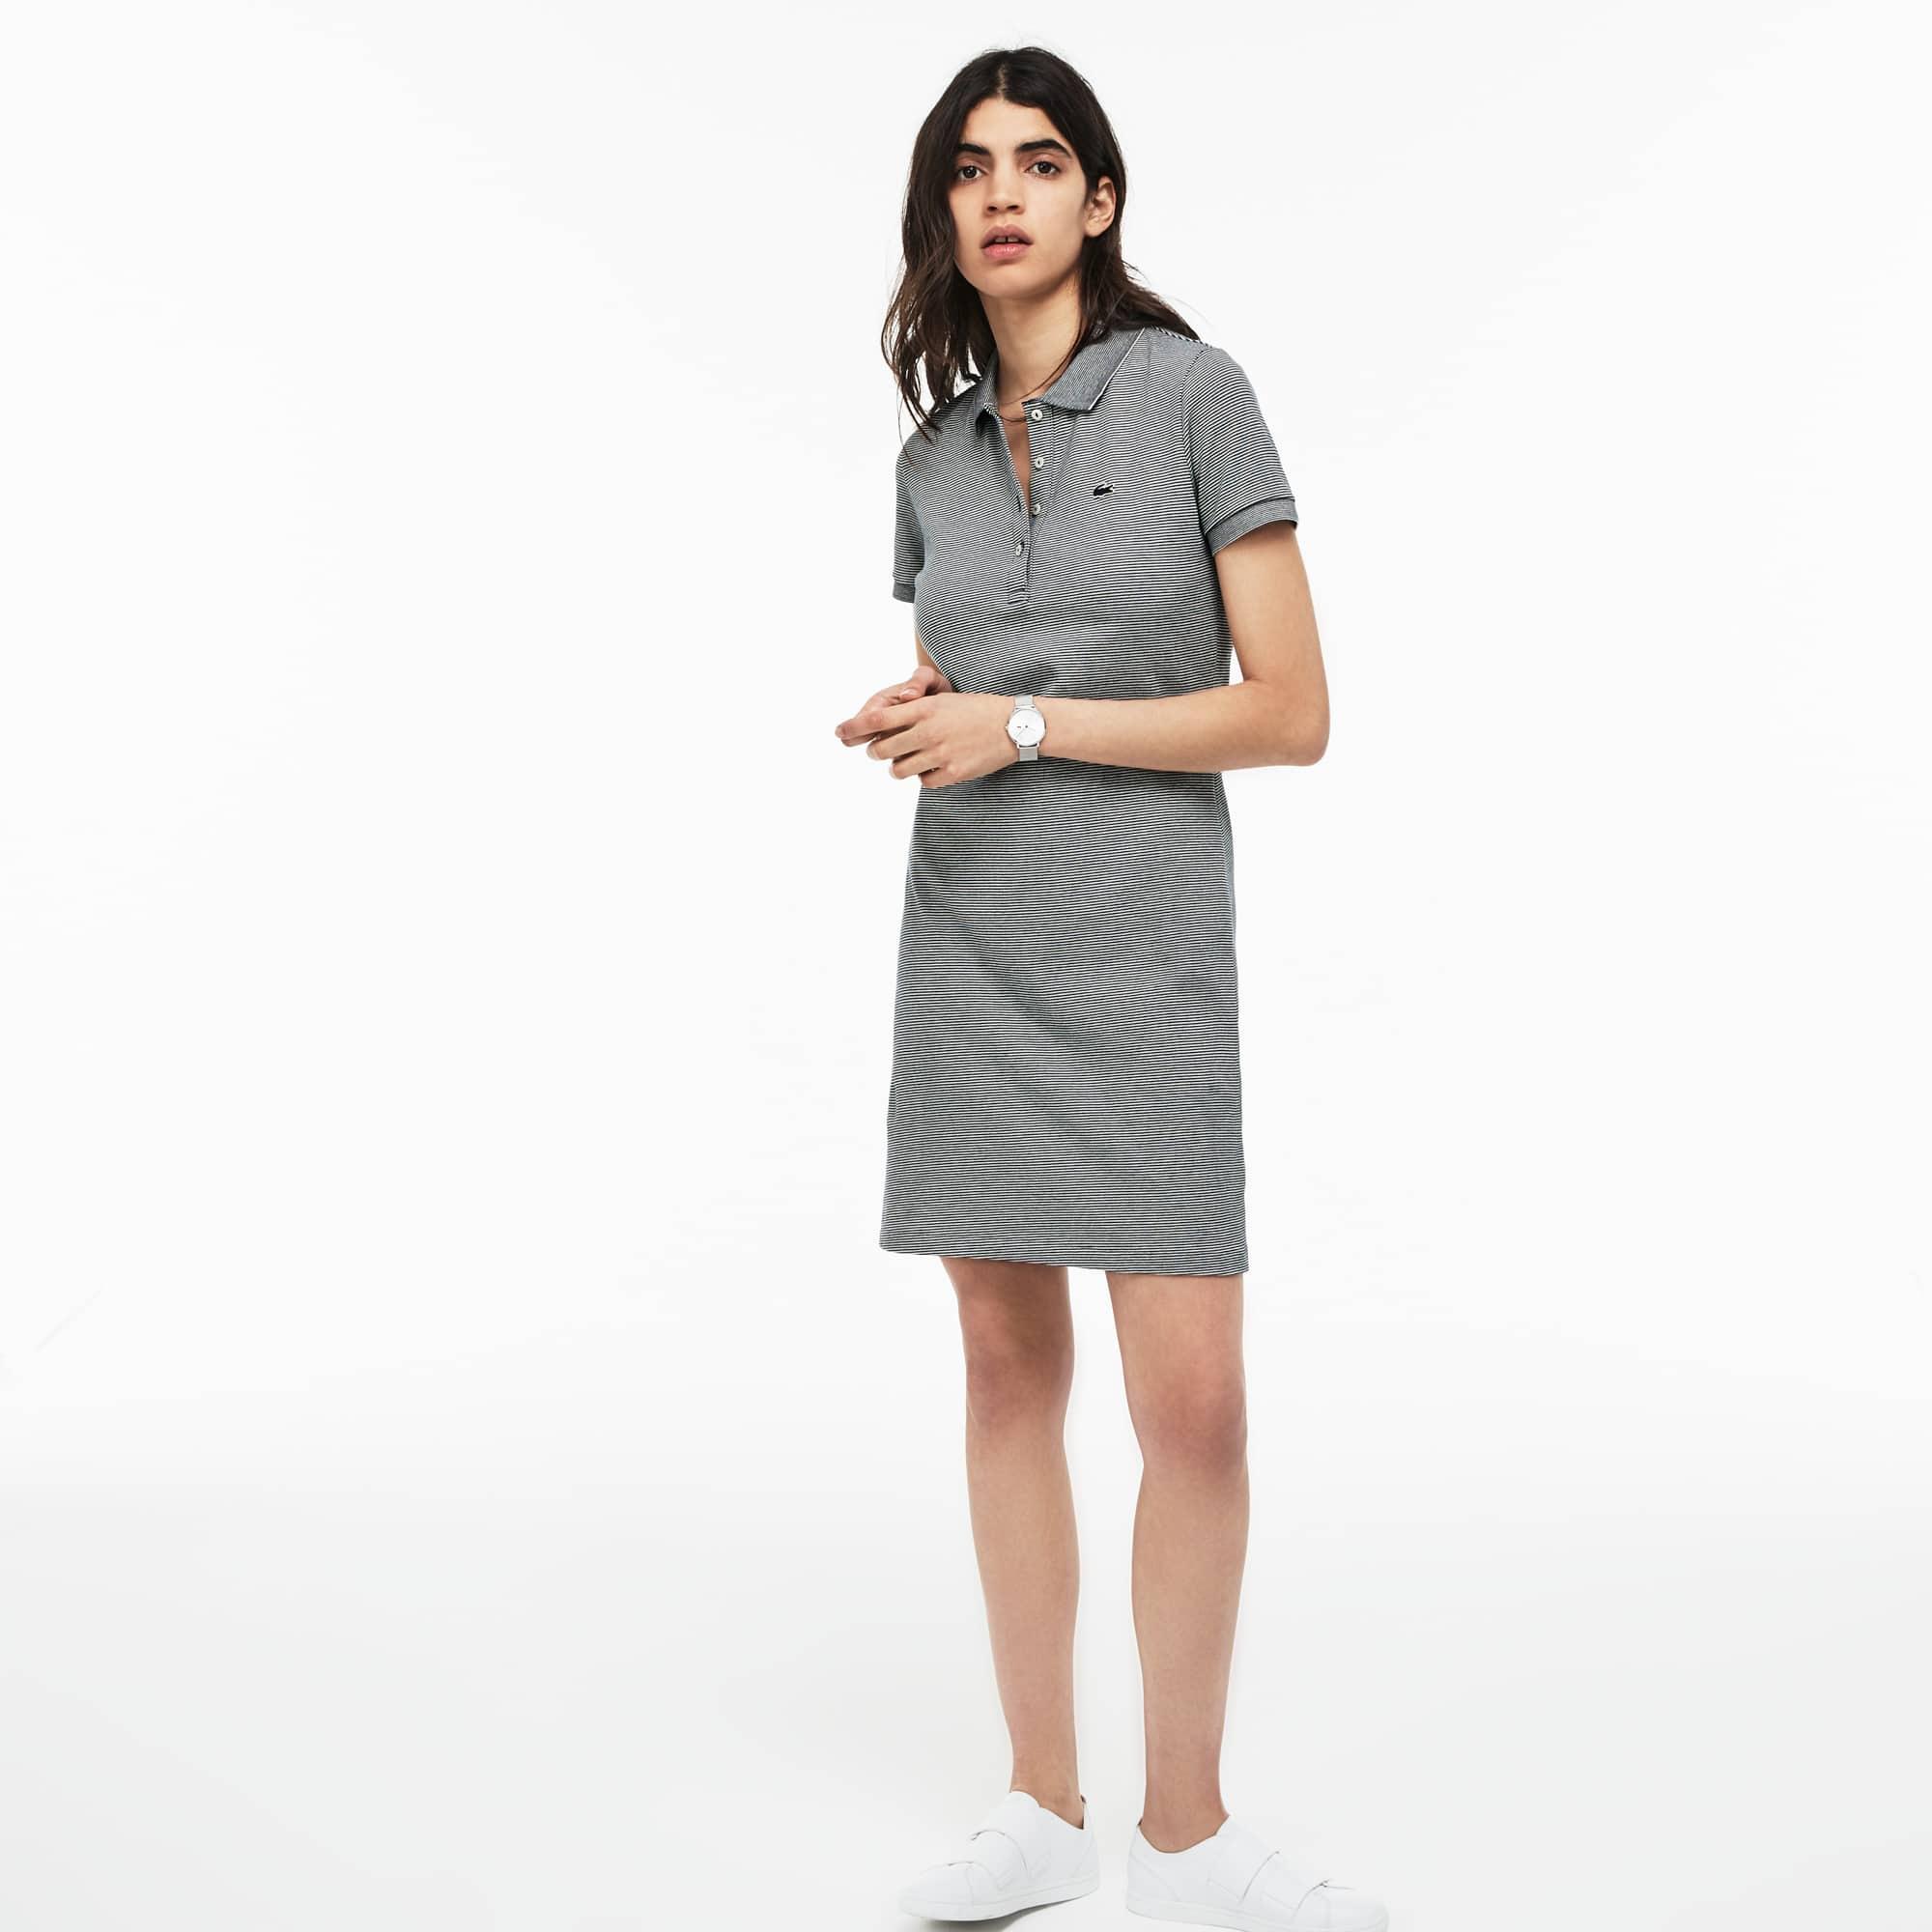 Vestidos e Saias   Moda Feminina   LACOSTE 6c50132041